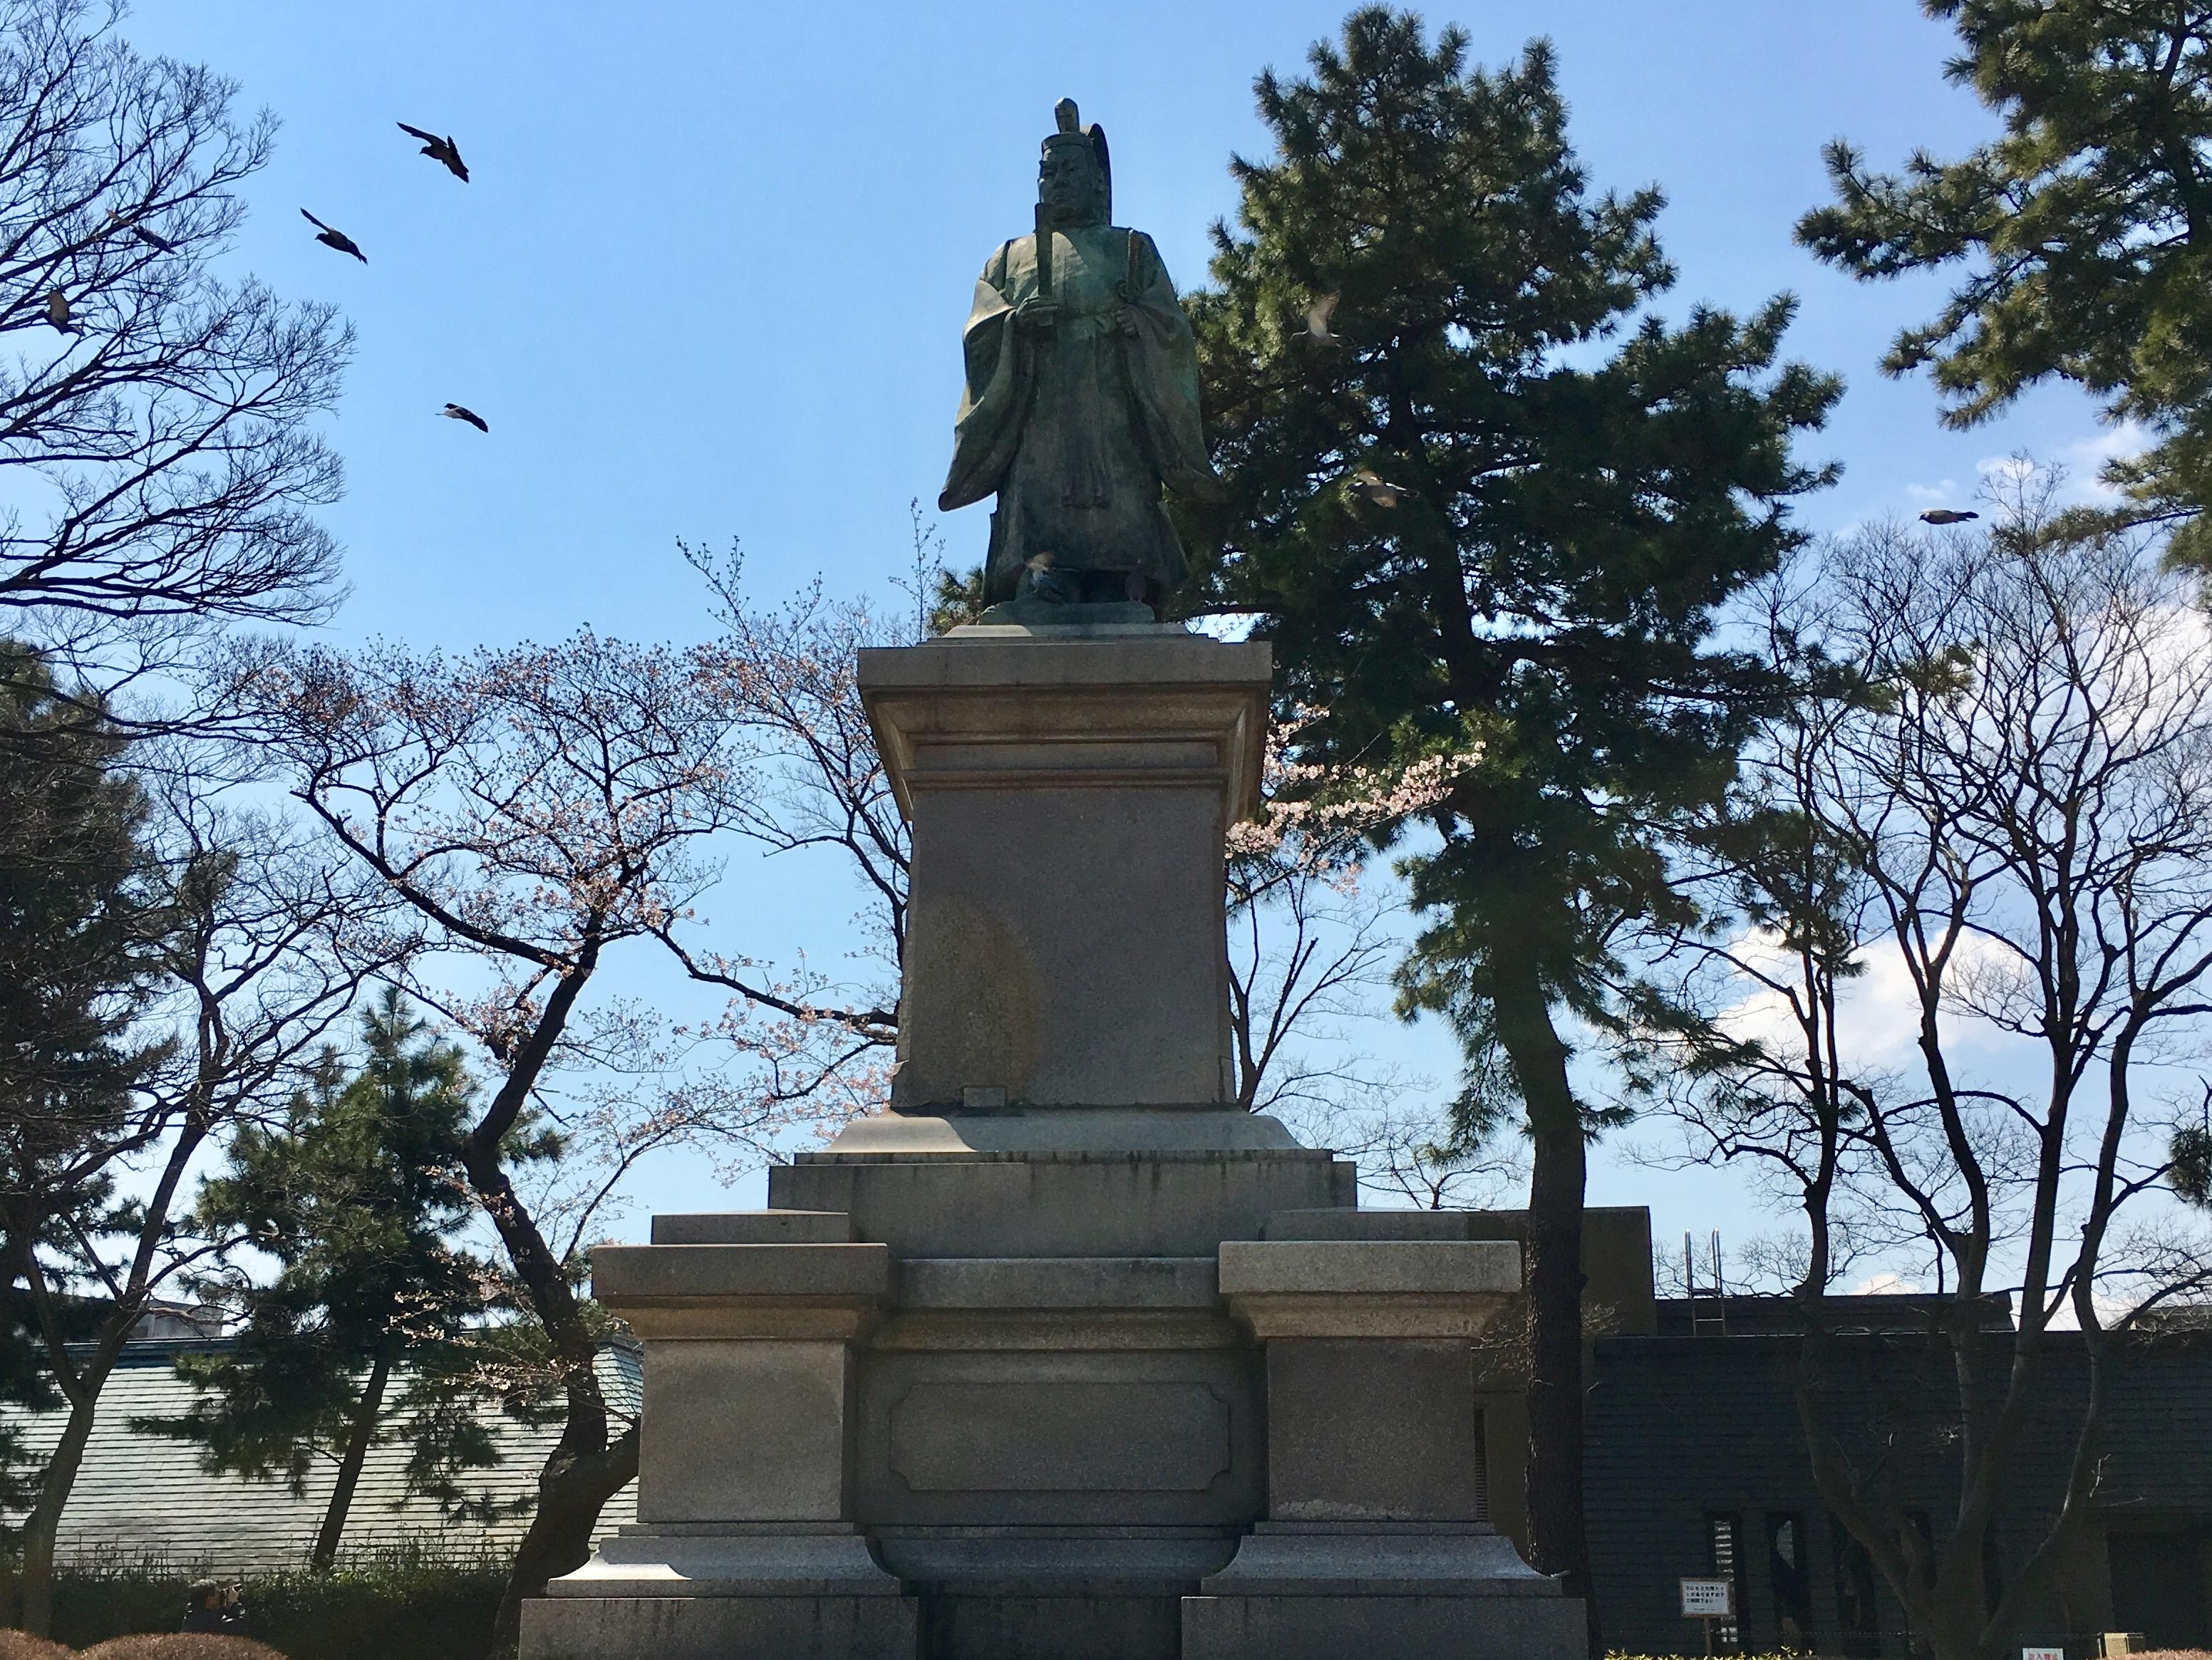 掃部山公園の桜開花情報【4月4日時点】